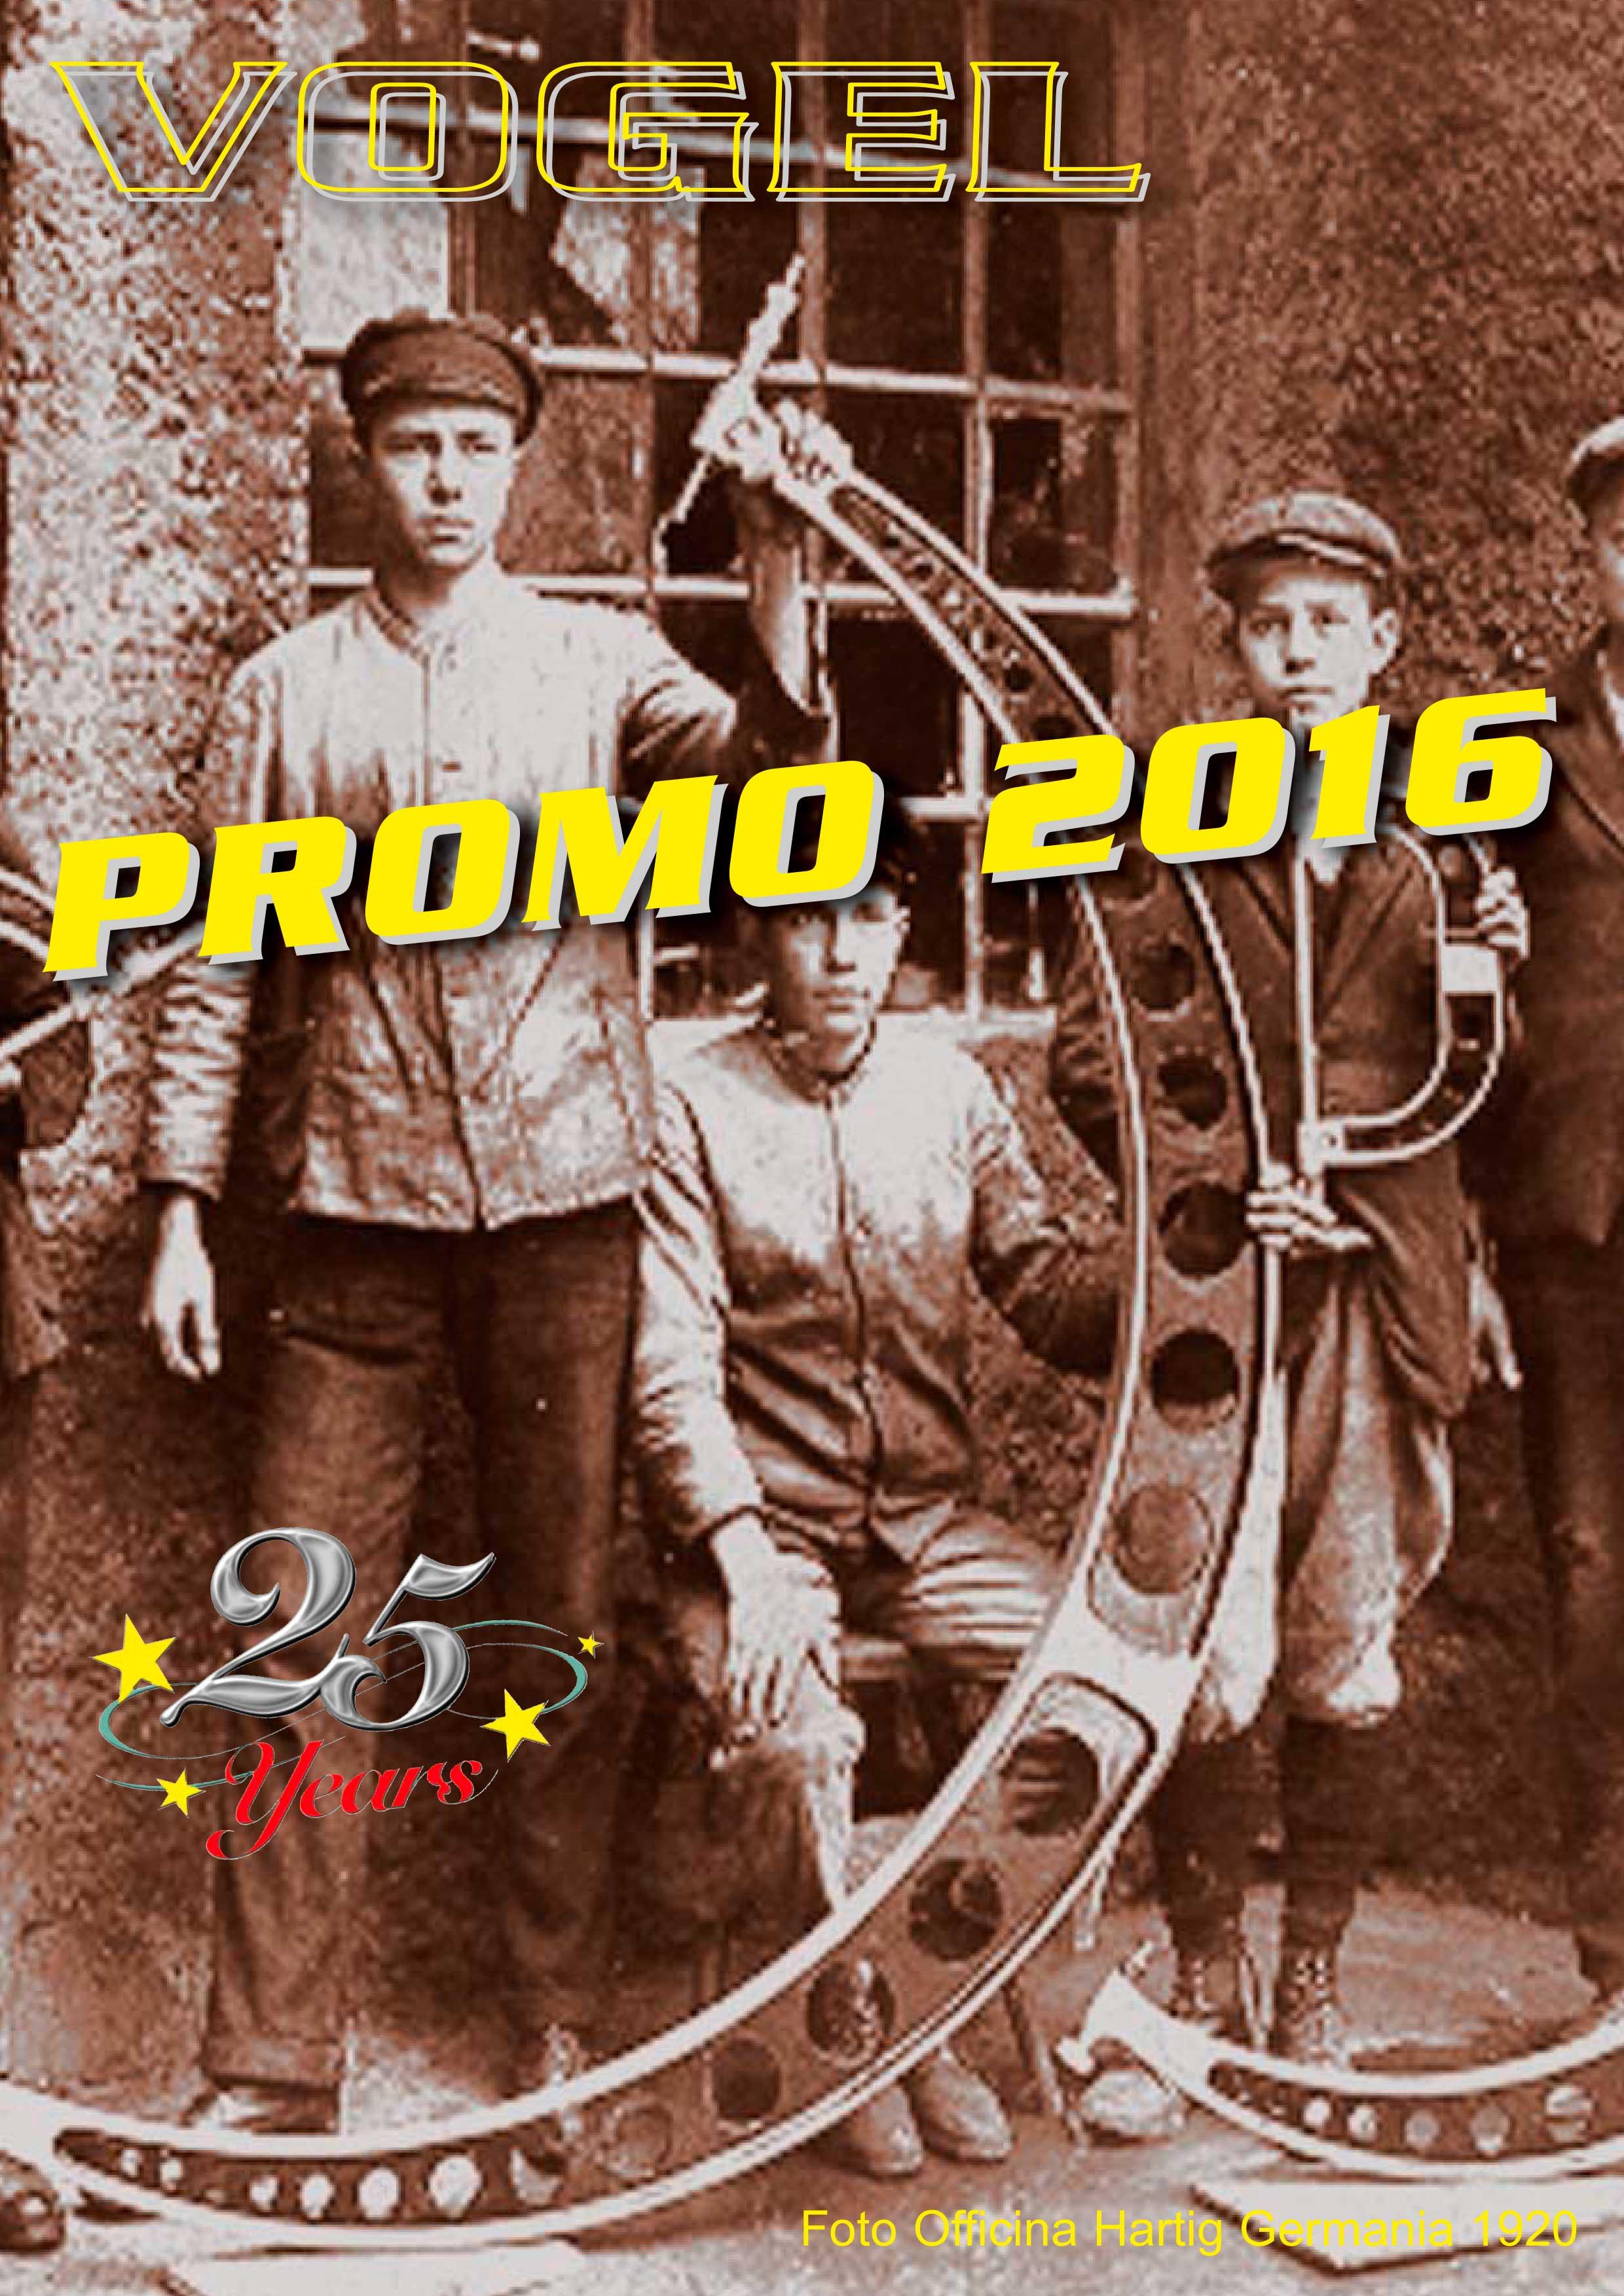 immagine-promo-vogel